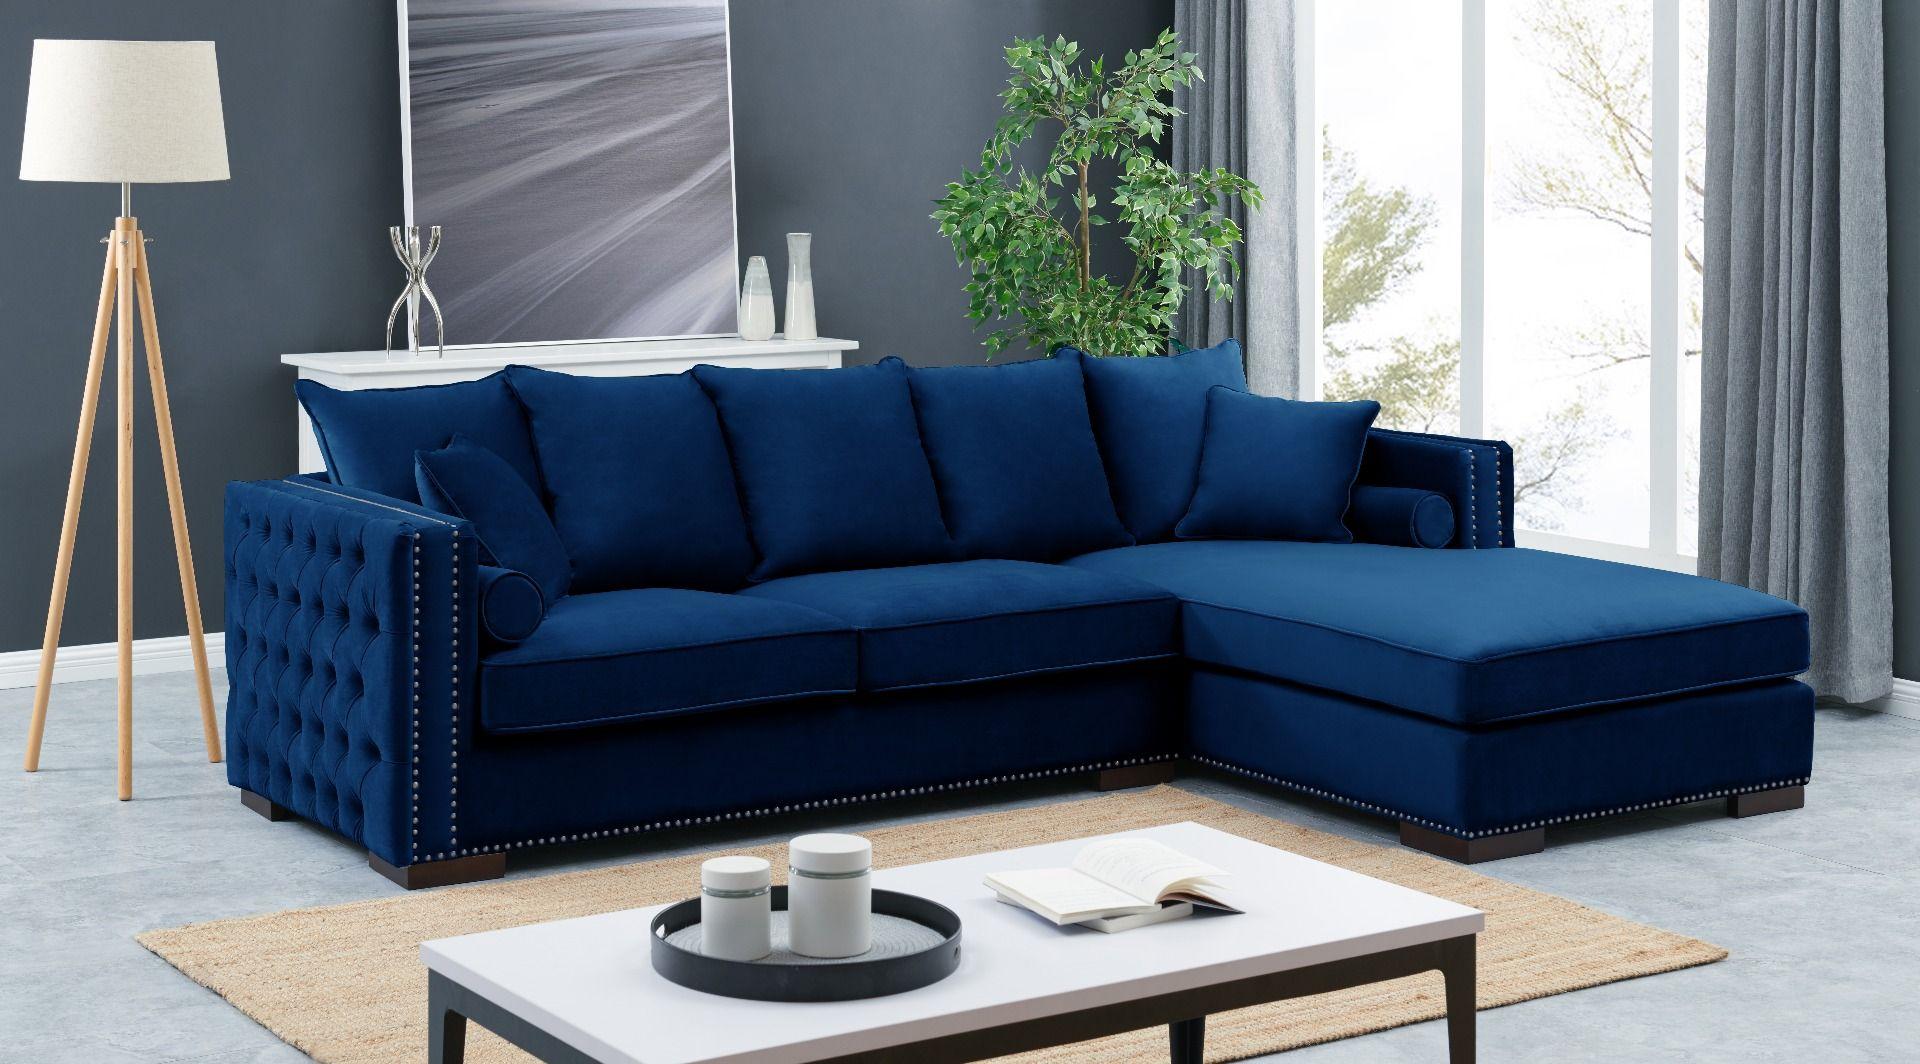 Làm sao để mua những mẫu ghế sopha phòng khách cao cấp mà chất lượng